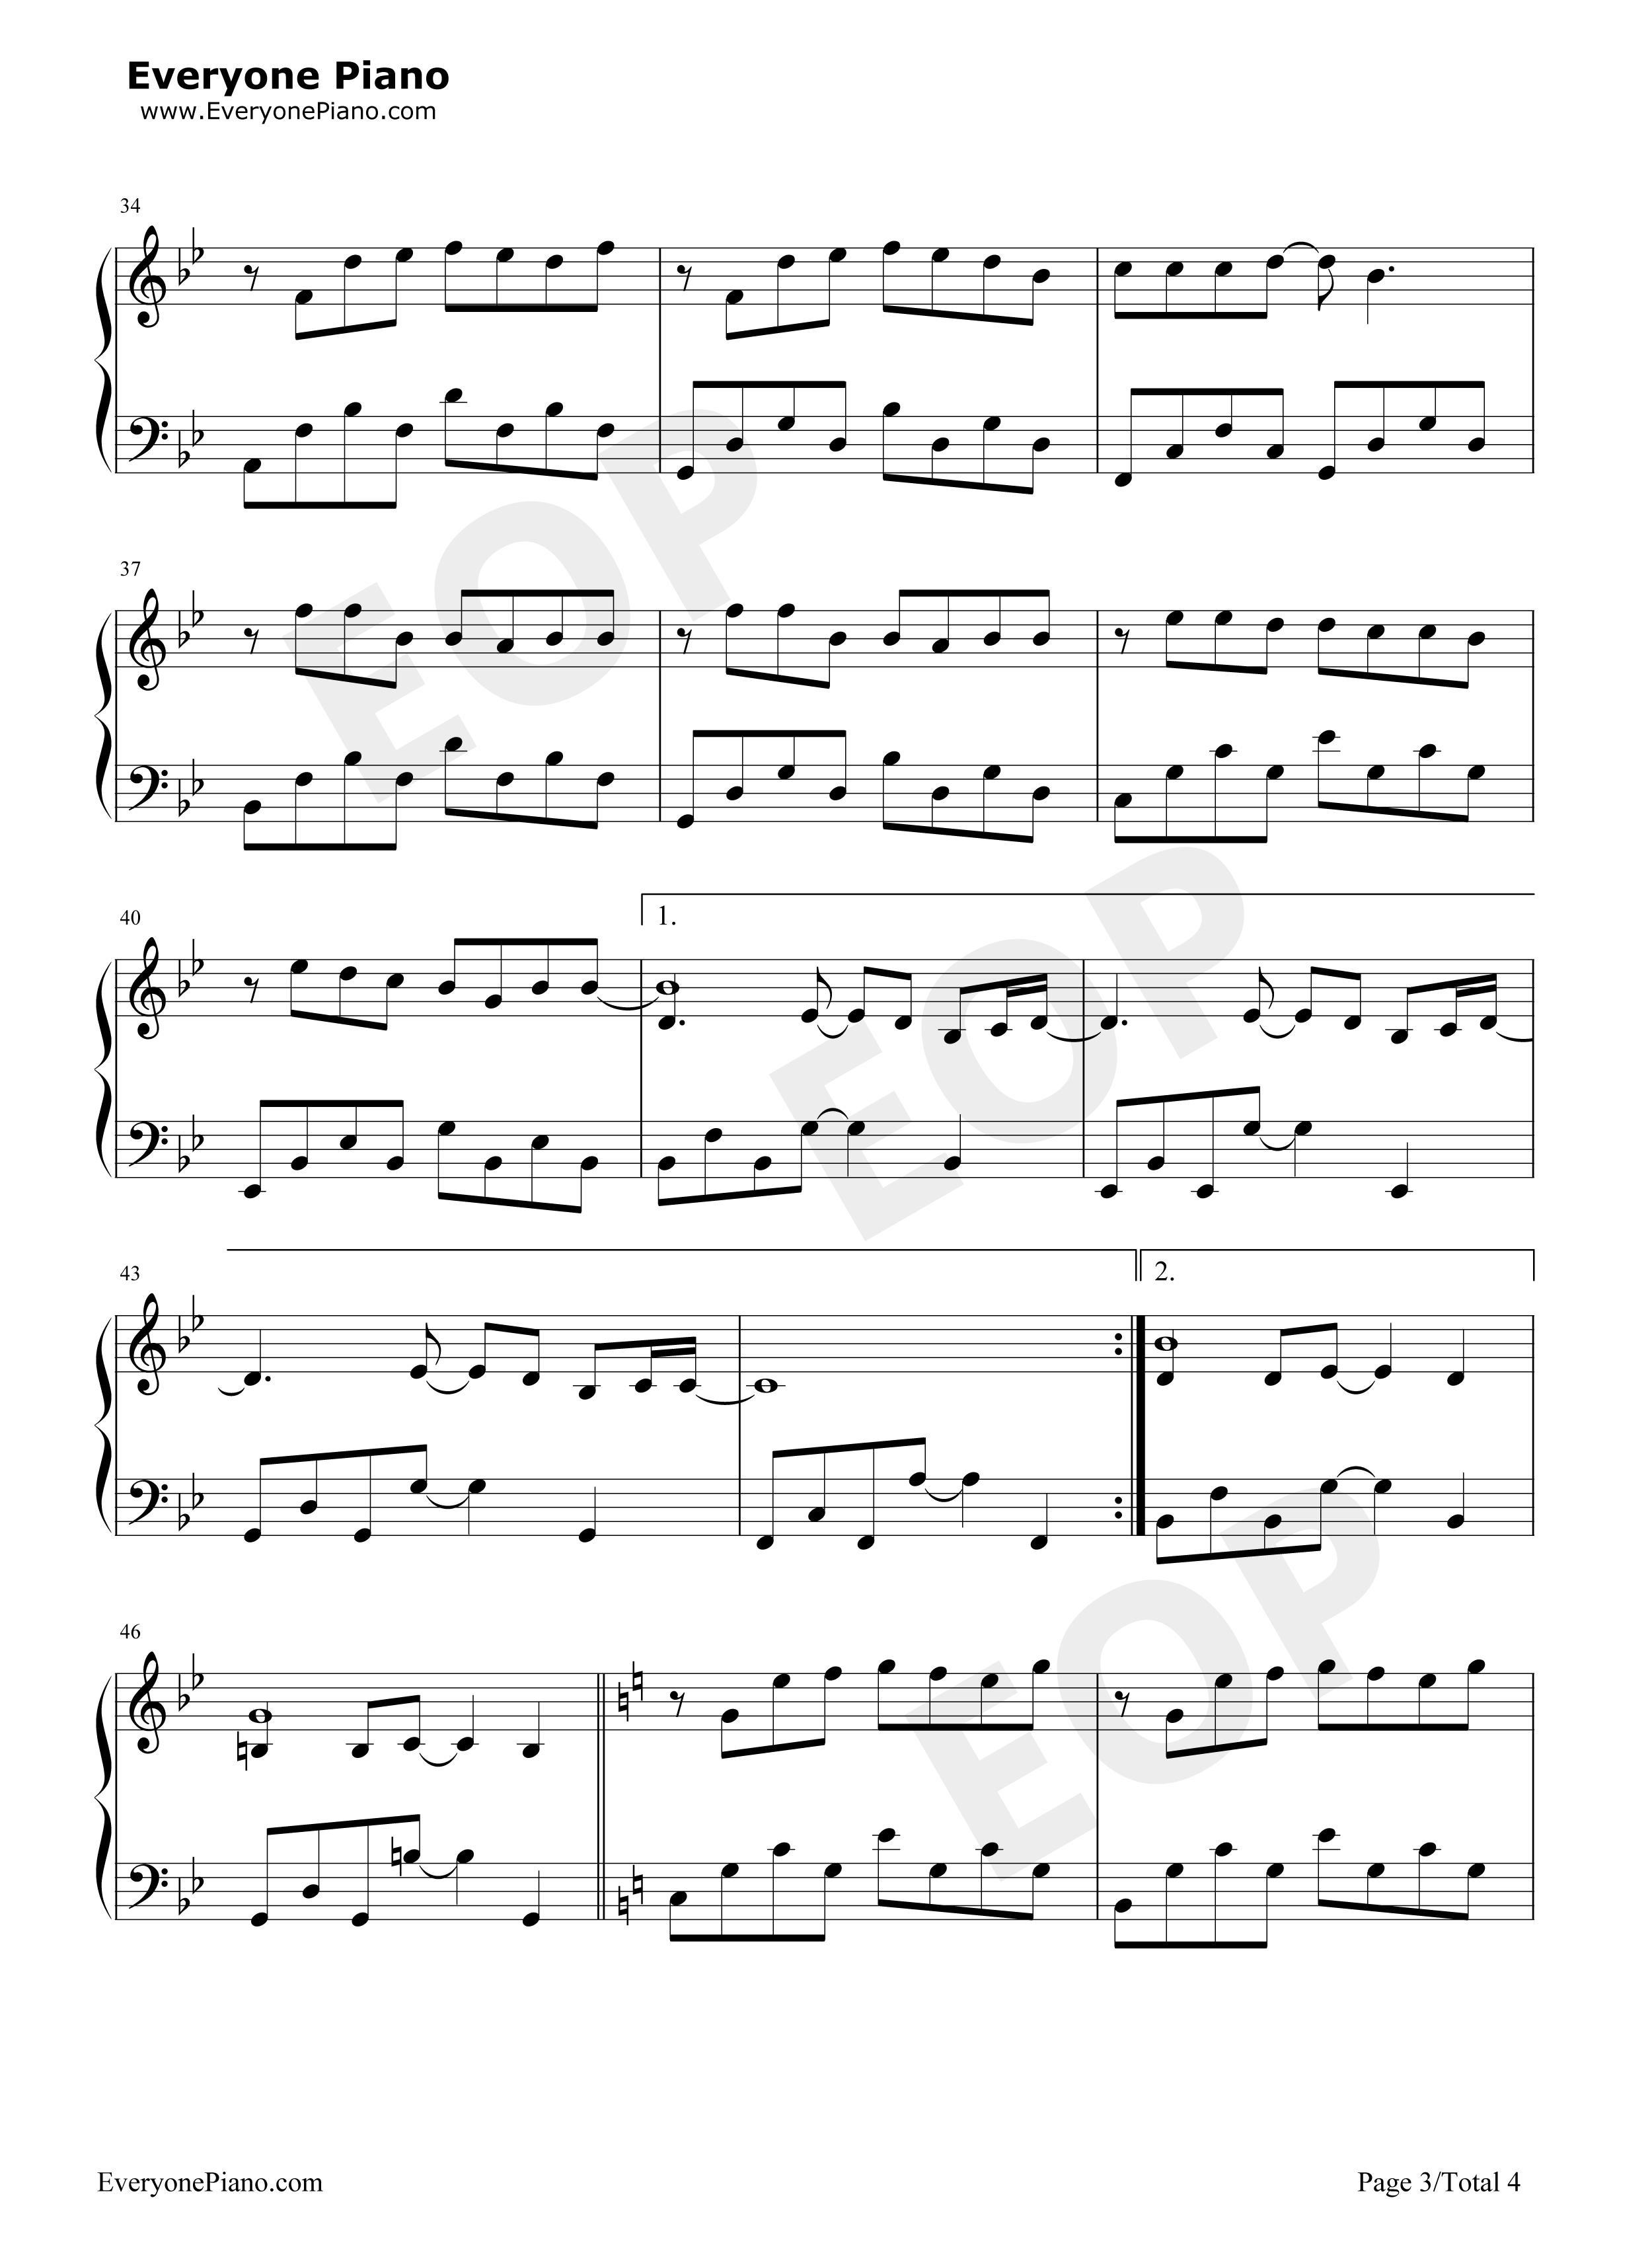 安静-周杰伦五线谱预览3-钢琴谱档(五线谱,双手简谱